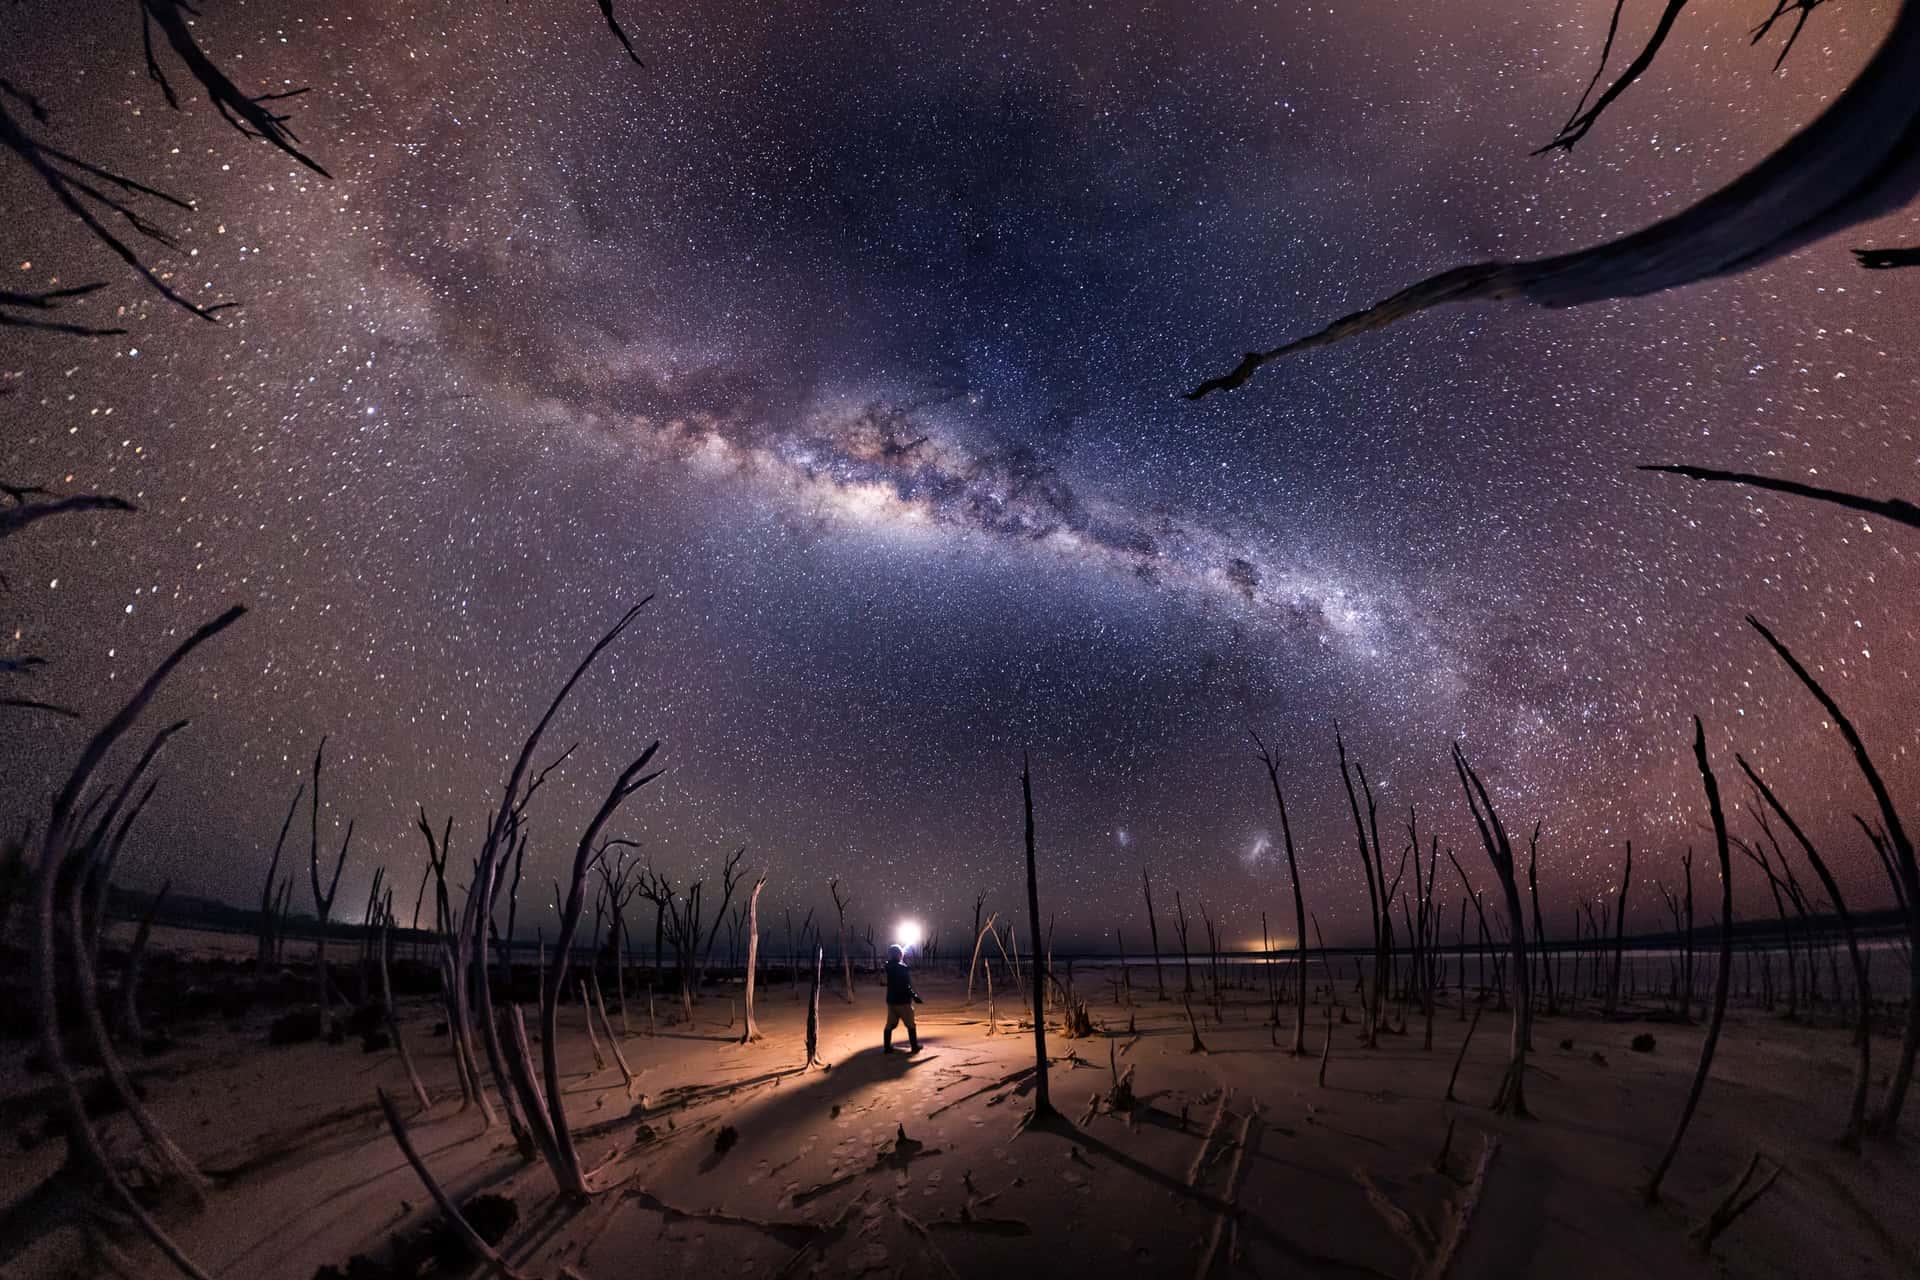 mejores imagenes de la via lactea Michael Goh